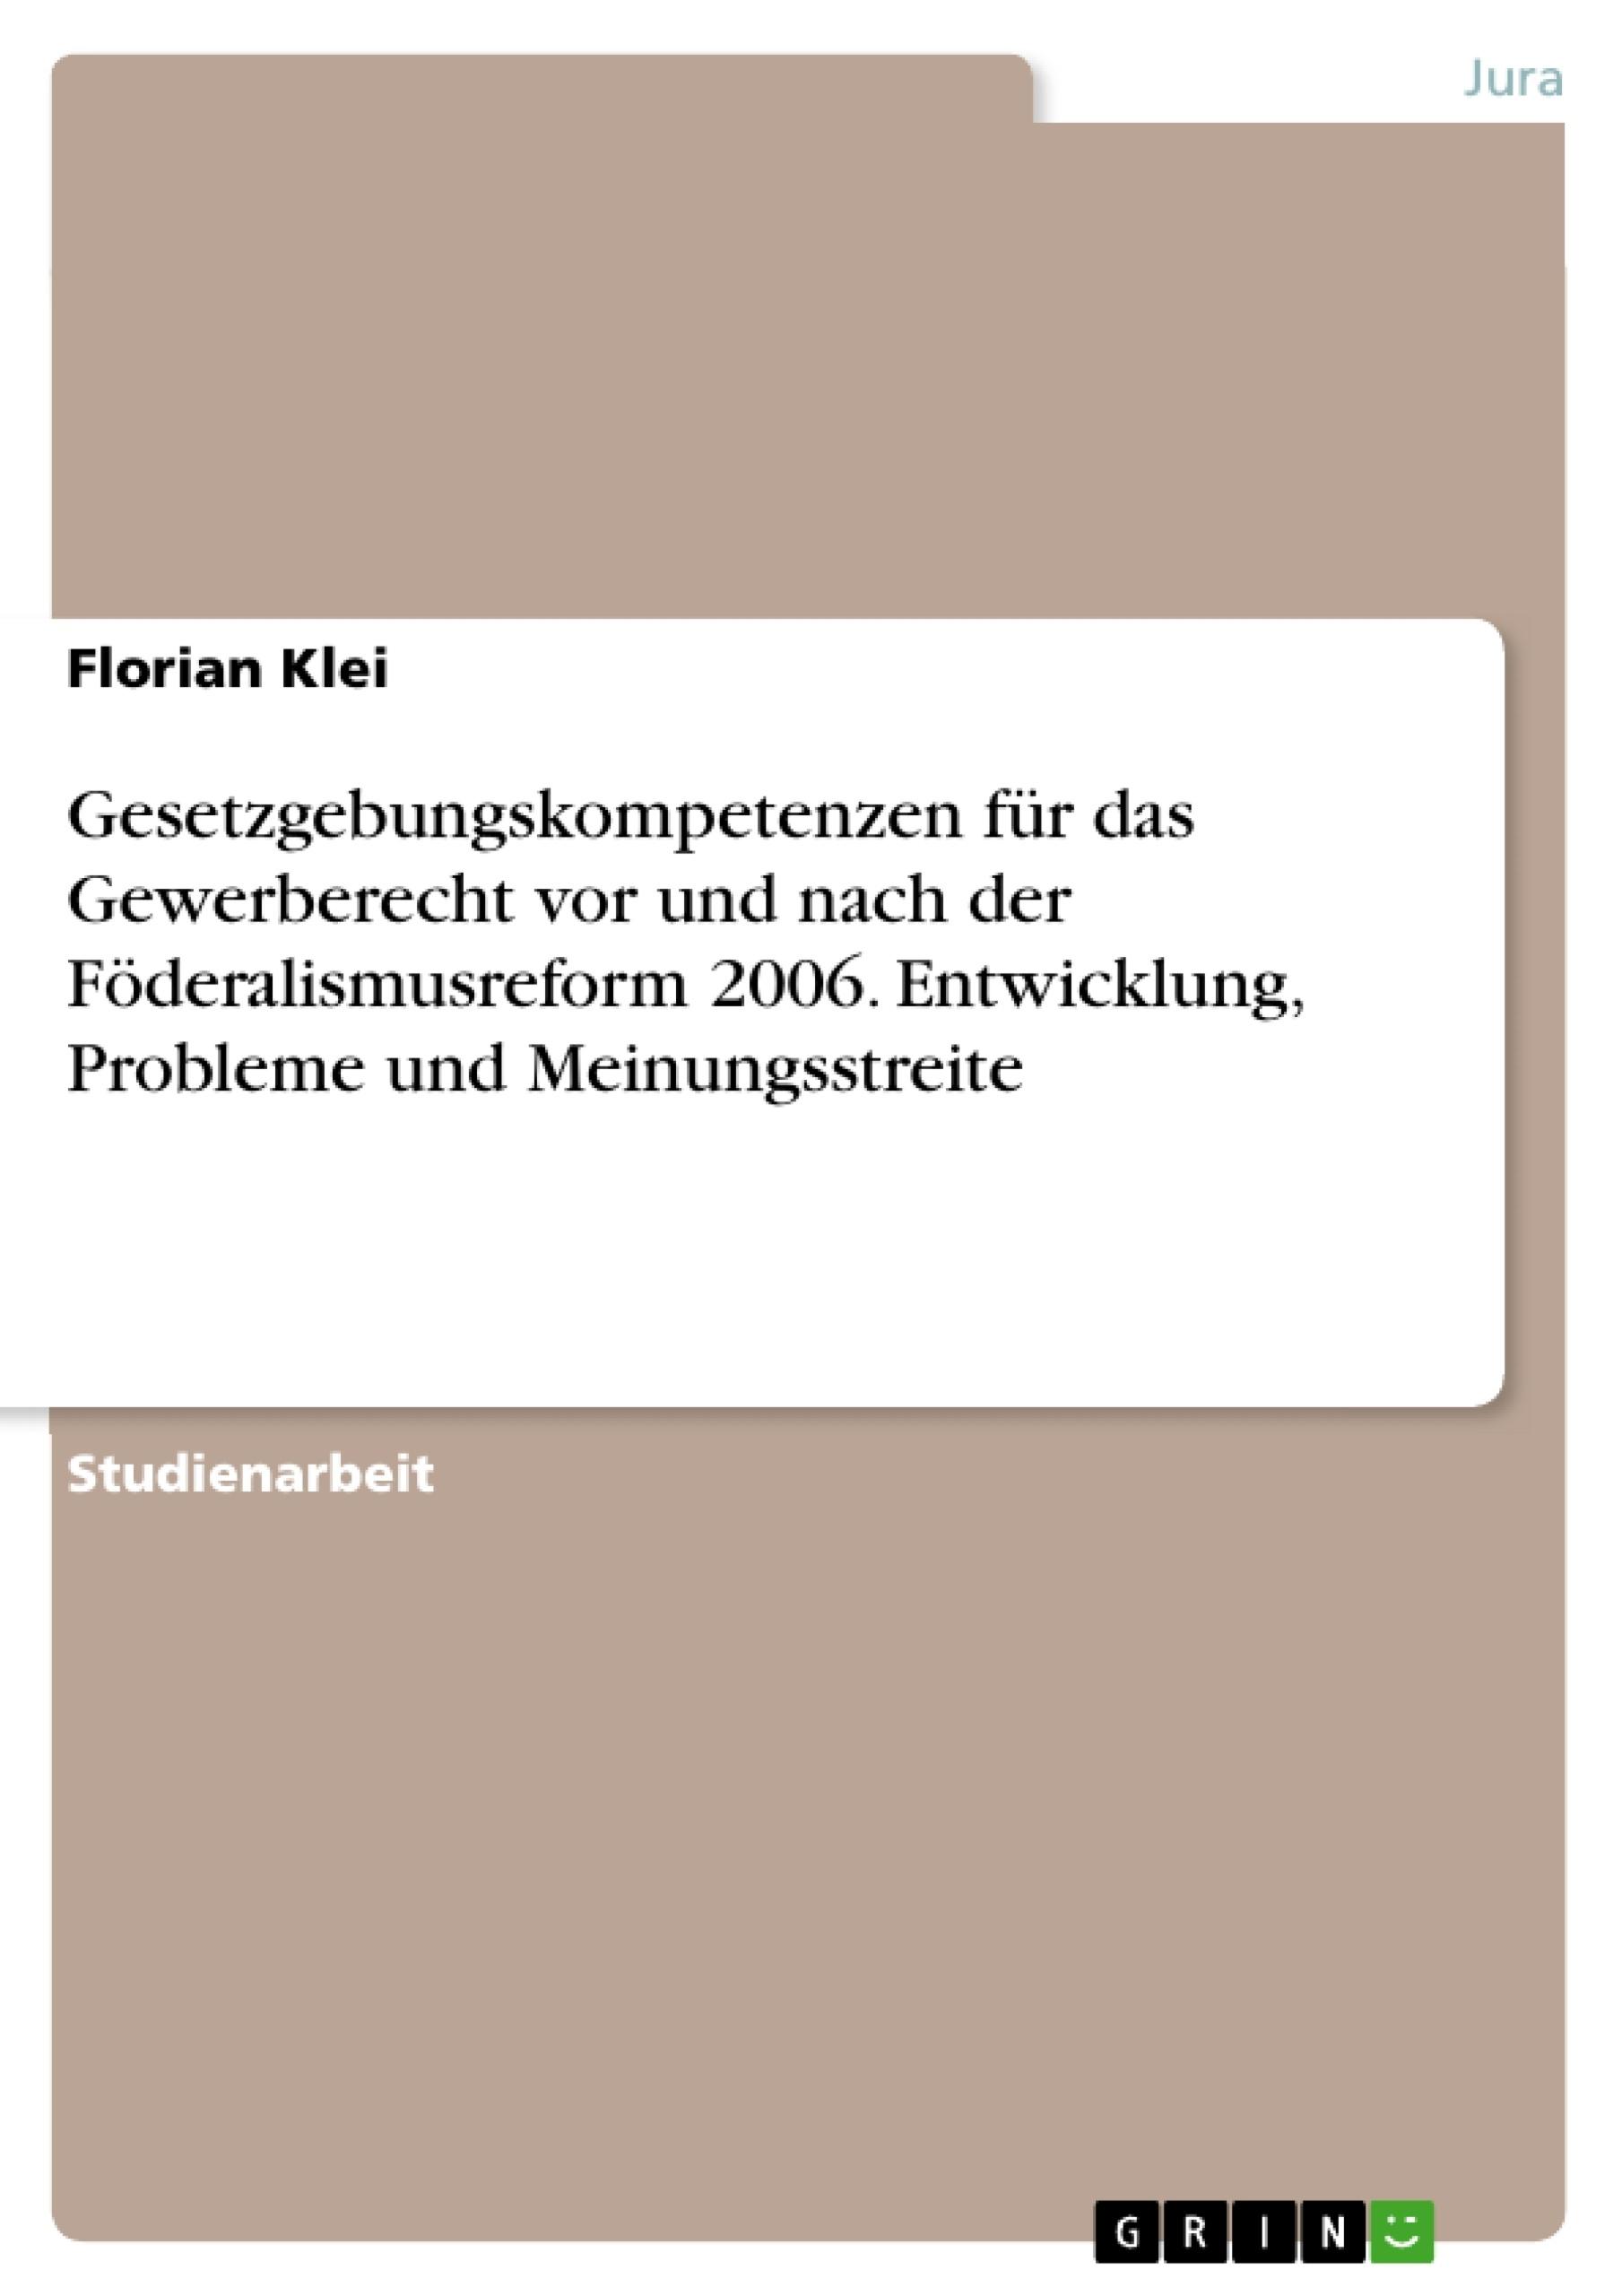 Titel: Gesetzgebungskompetenzen für das Gewerberecht vor und nach der Föderalismusreform 2006. Entwicklung, Probleme und Meinungsstreite